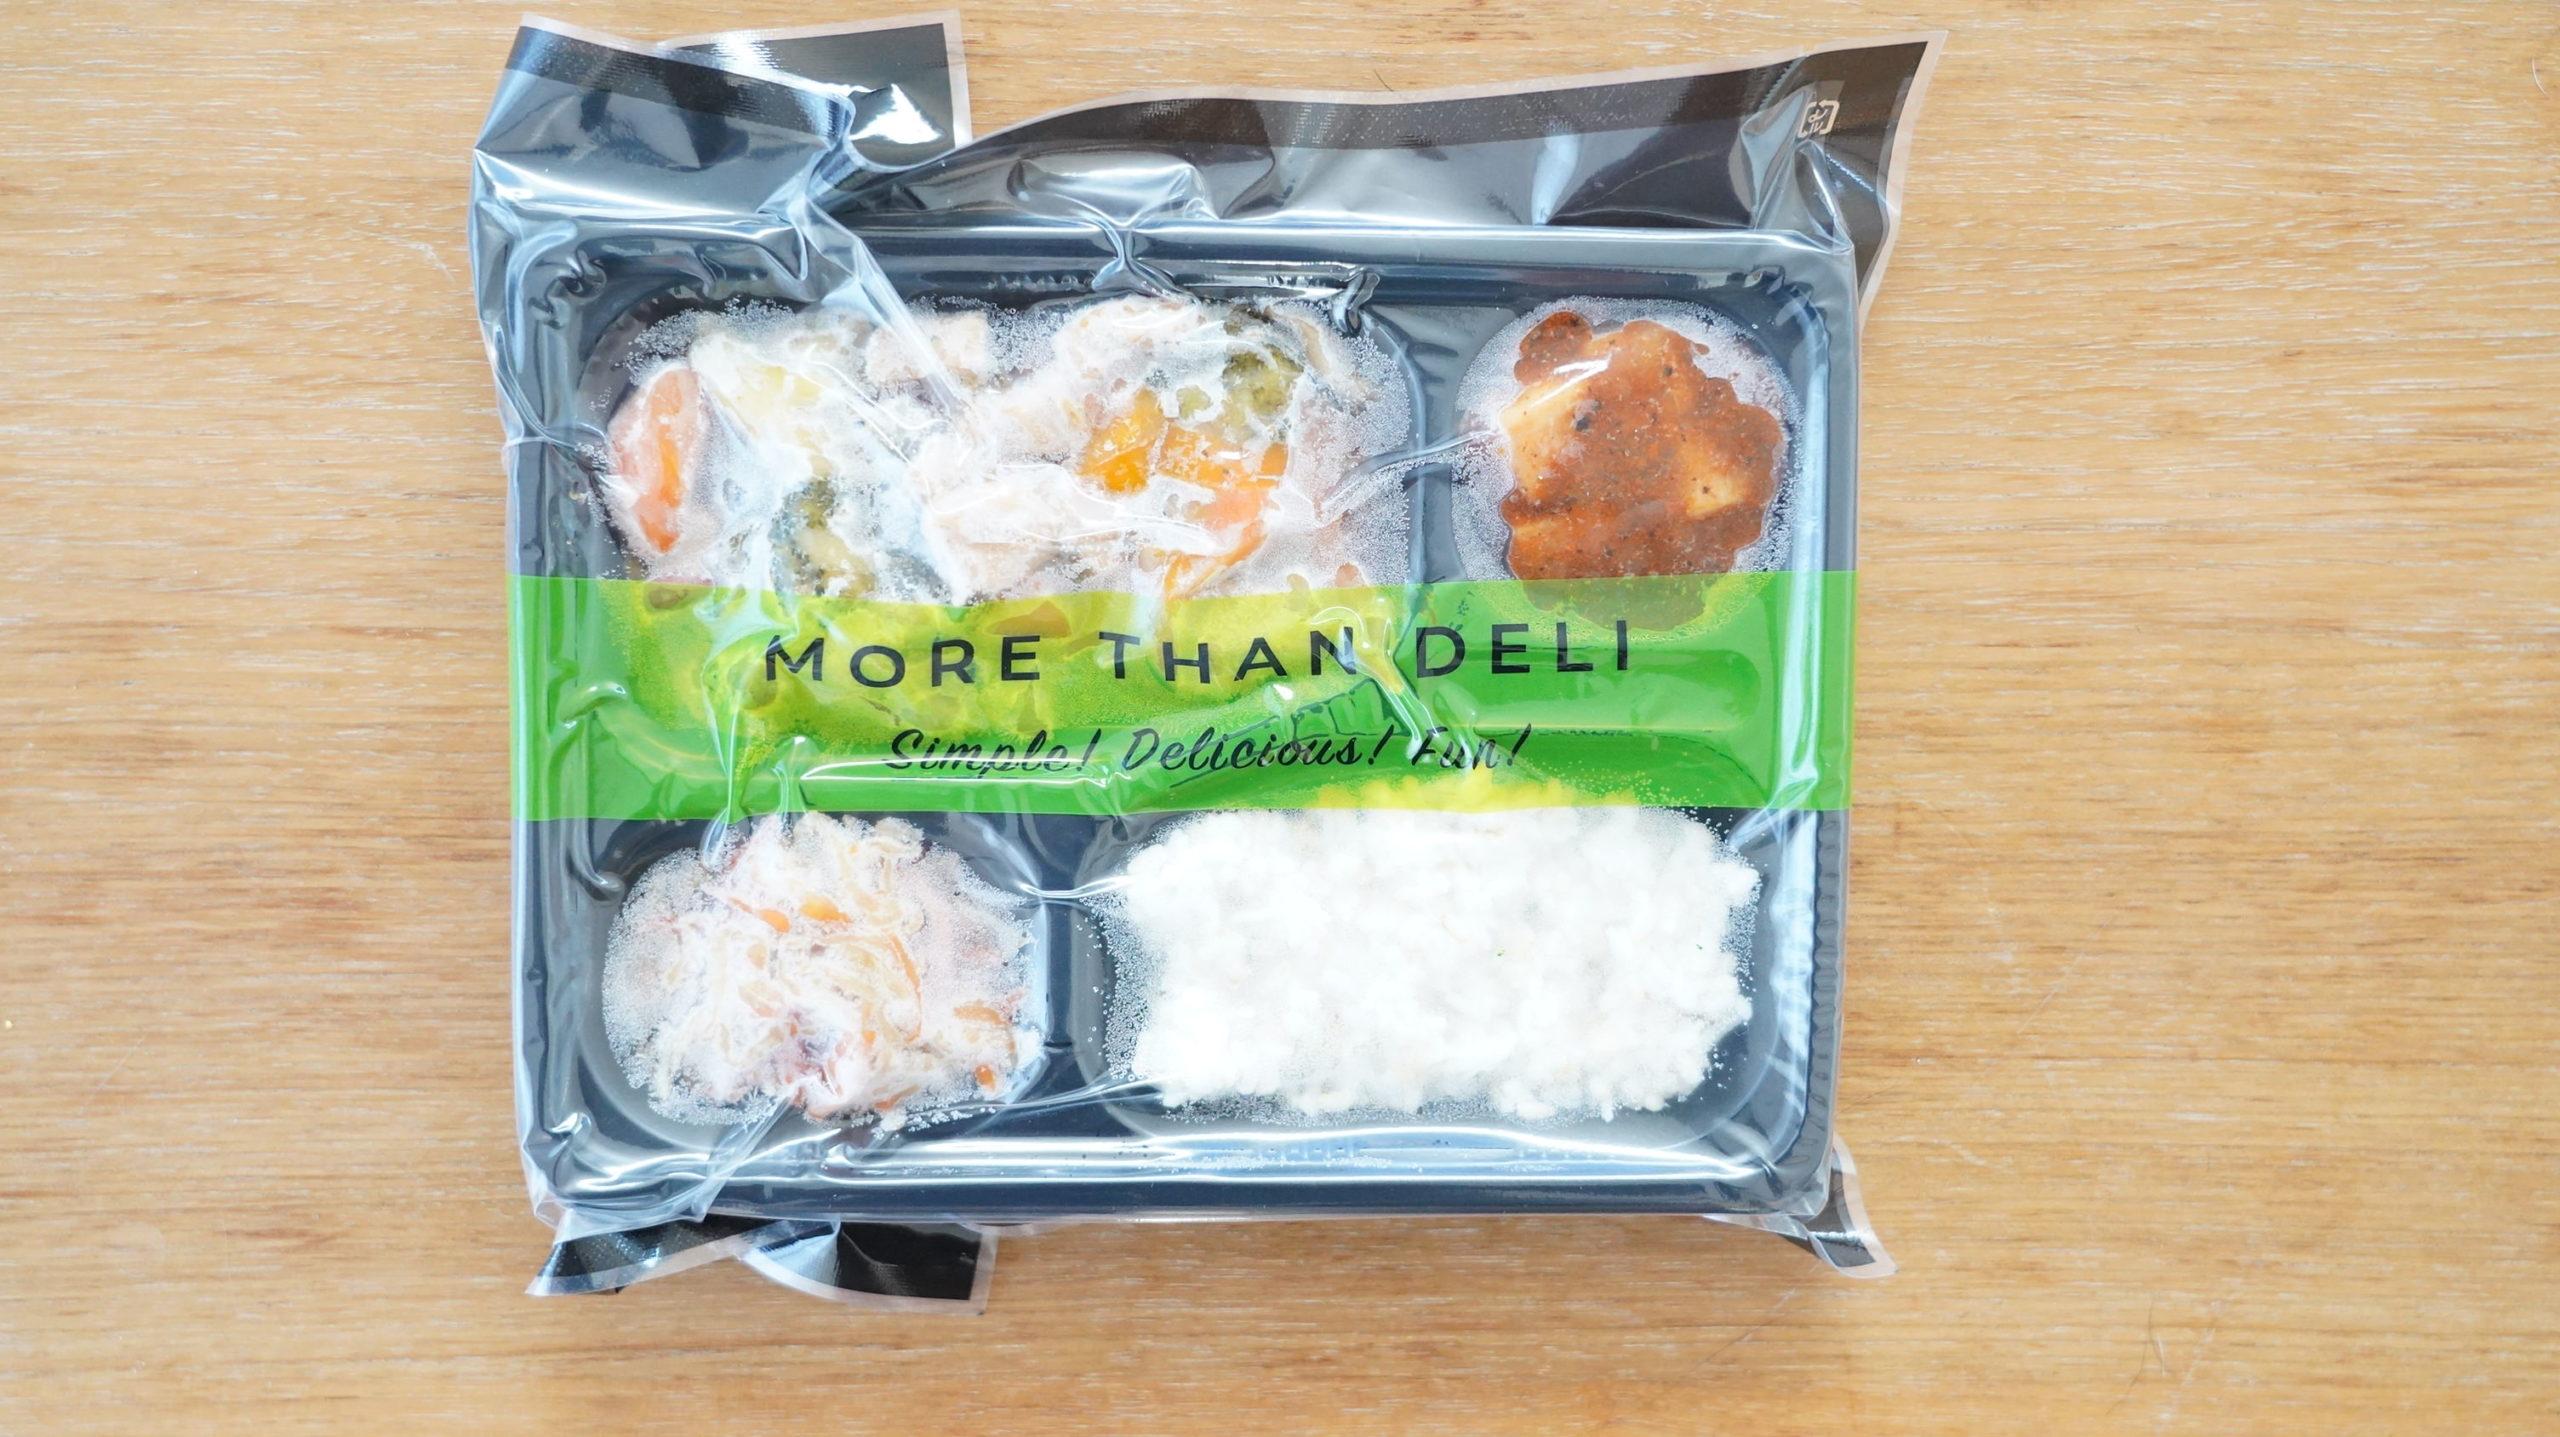 More than Deli(モアザンデリ)の冷凍弁当「牛肉のオイスターいため」のパッケージ写真